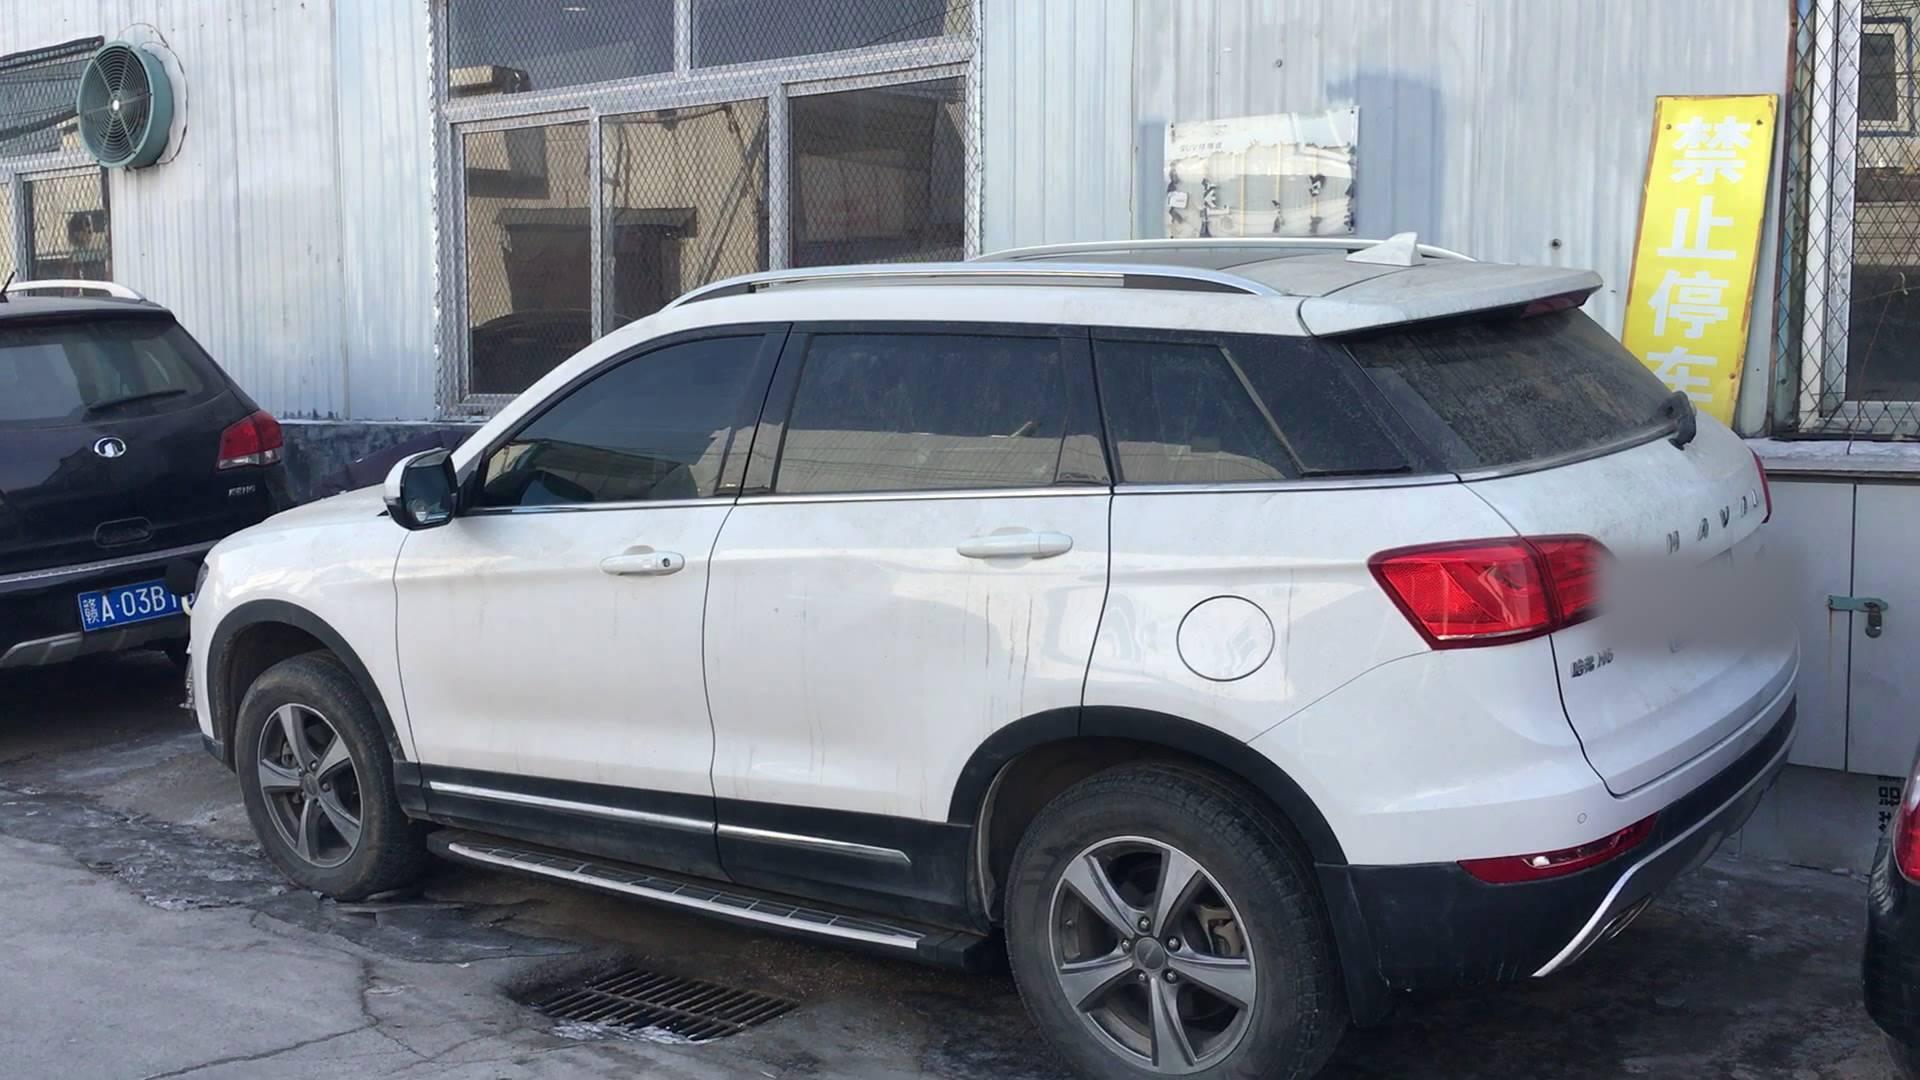 车险理赔后车三个月未修好 4S店:费用较高保险公司不同意更换新车身